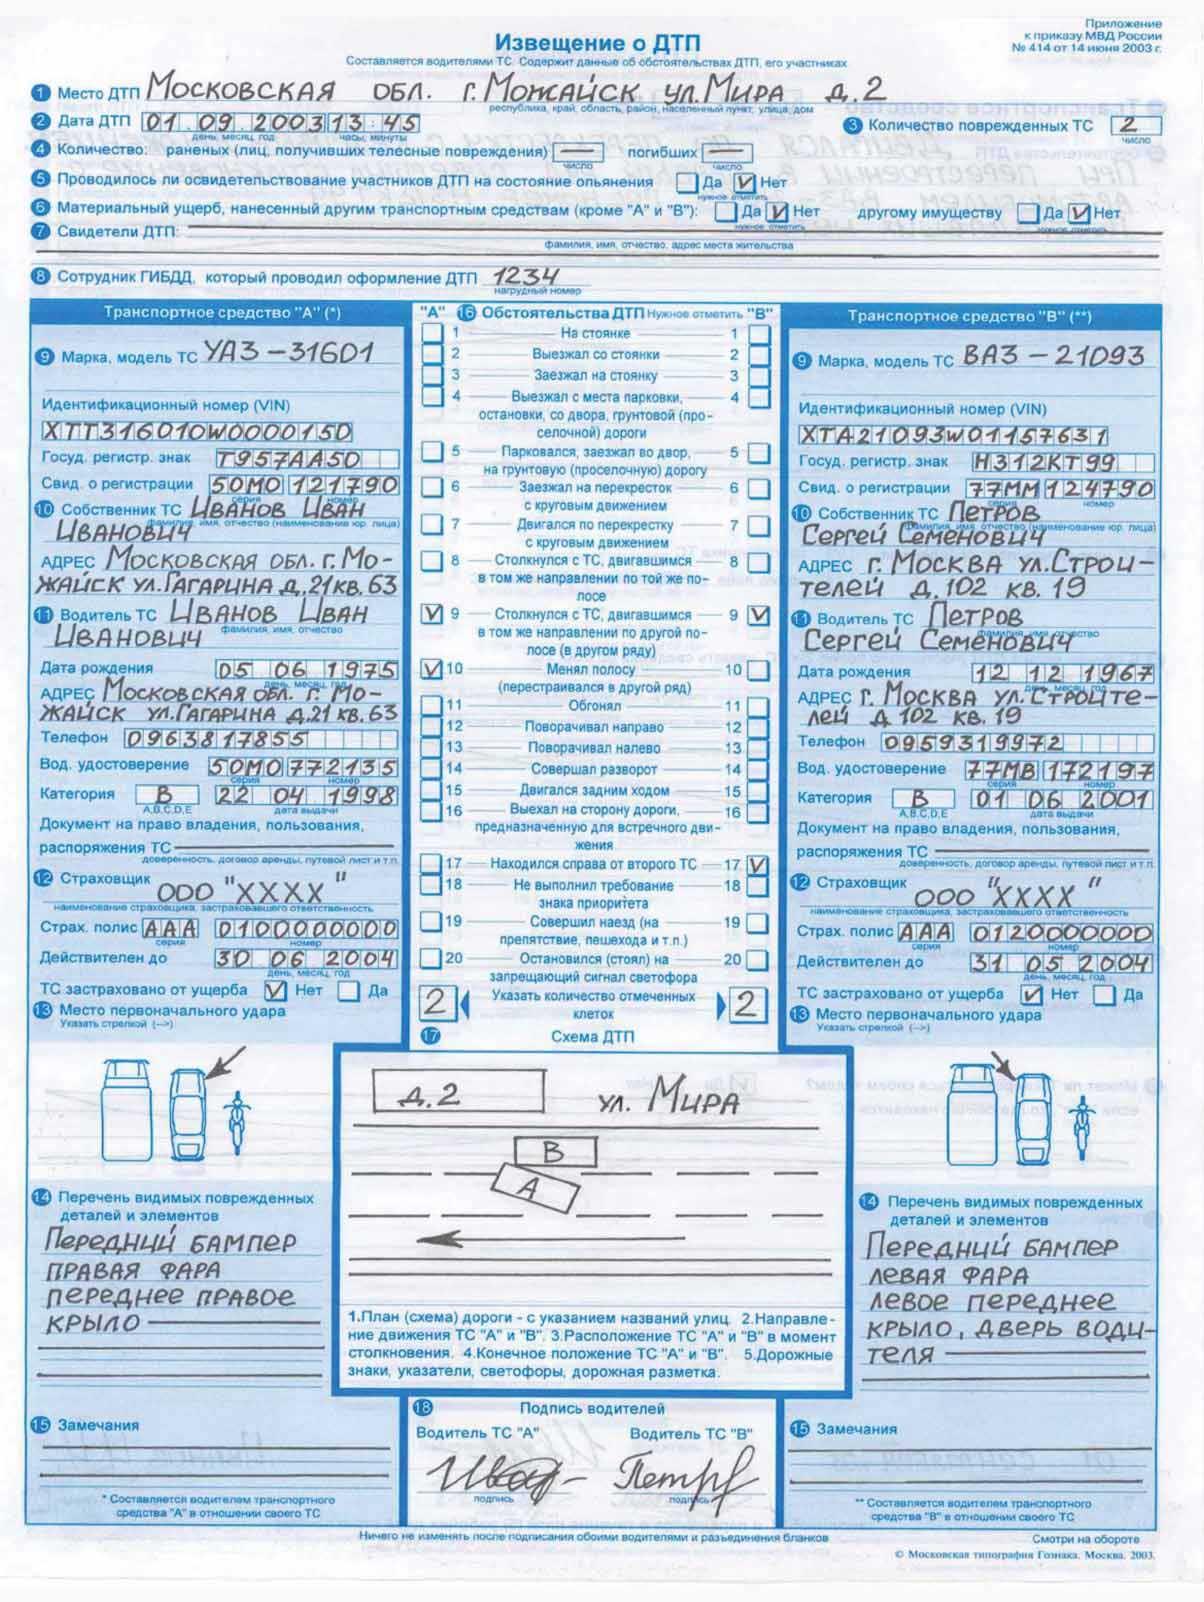 бланк заявления на автострахование